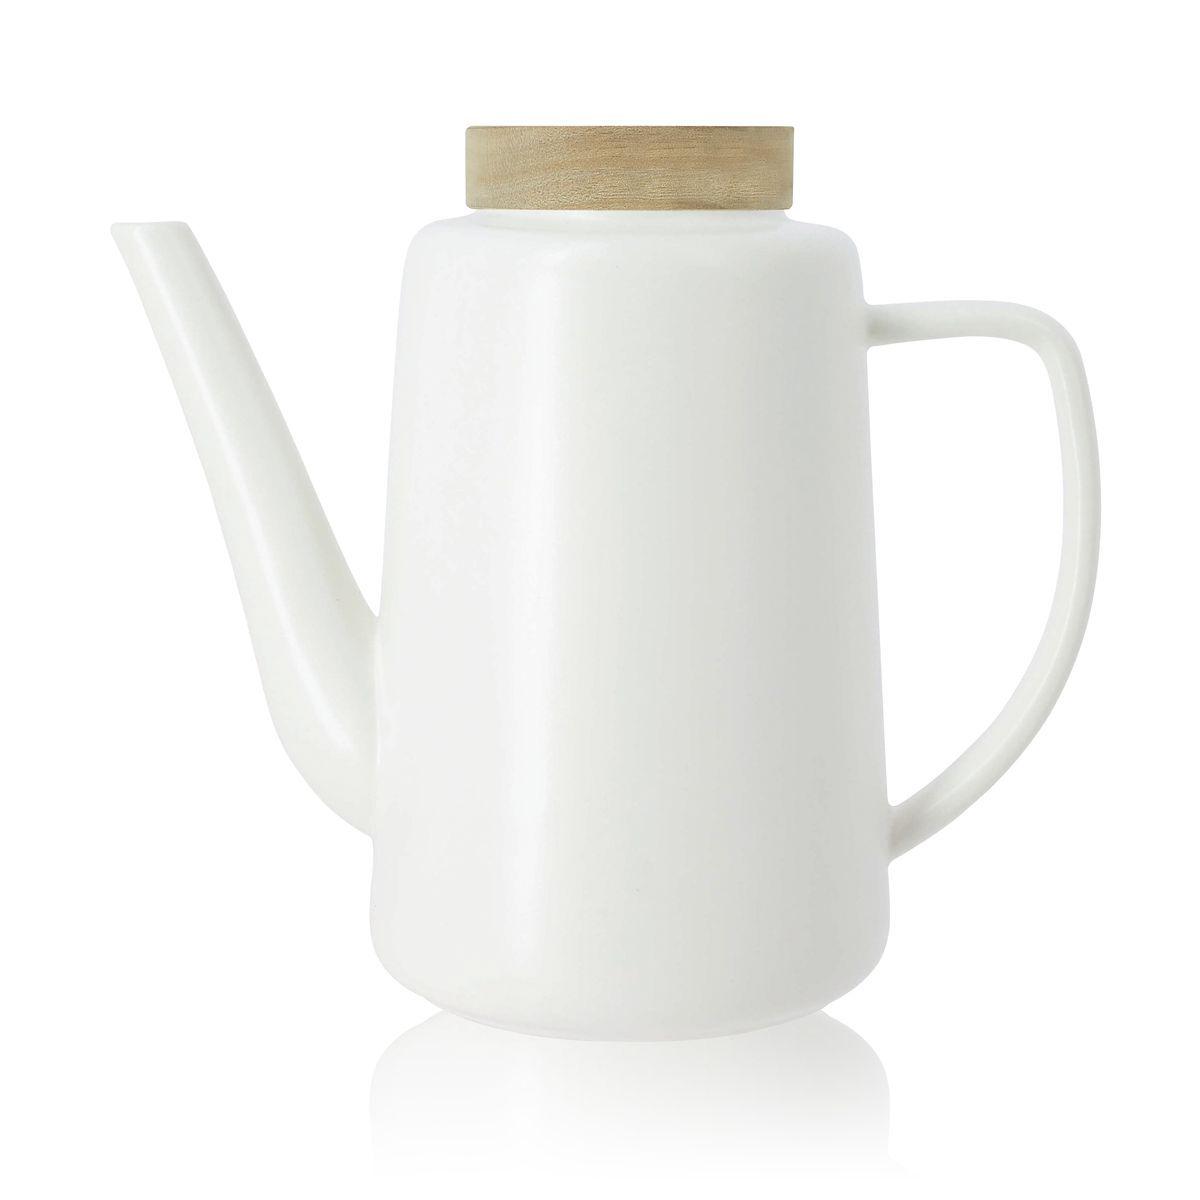 Théière avec couvercle en porcelaine et acacia 1,2L